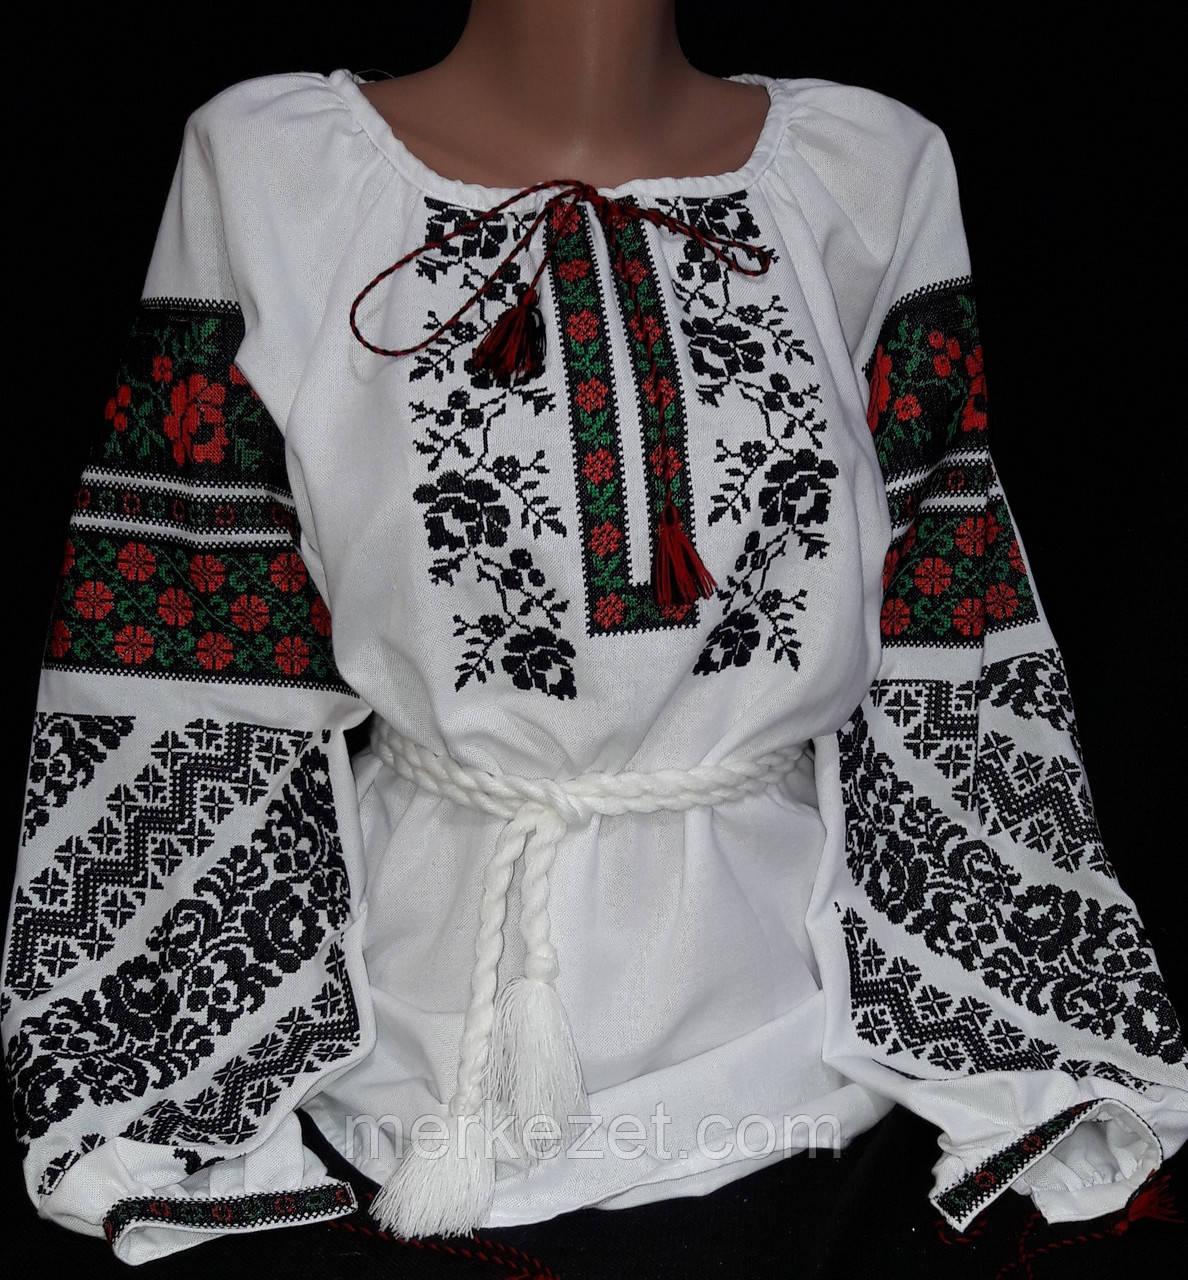 """Вышиванка """"Борщивская ружа"""" женская на домотканом полотне. Вышиванки. Вышитые блузы"""